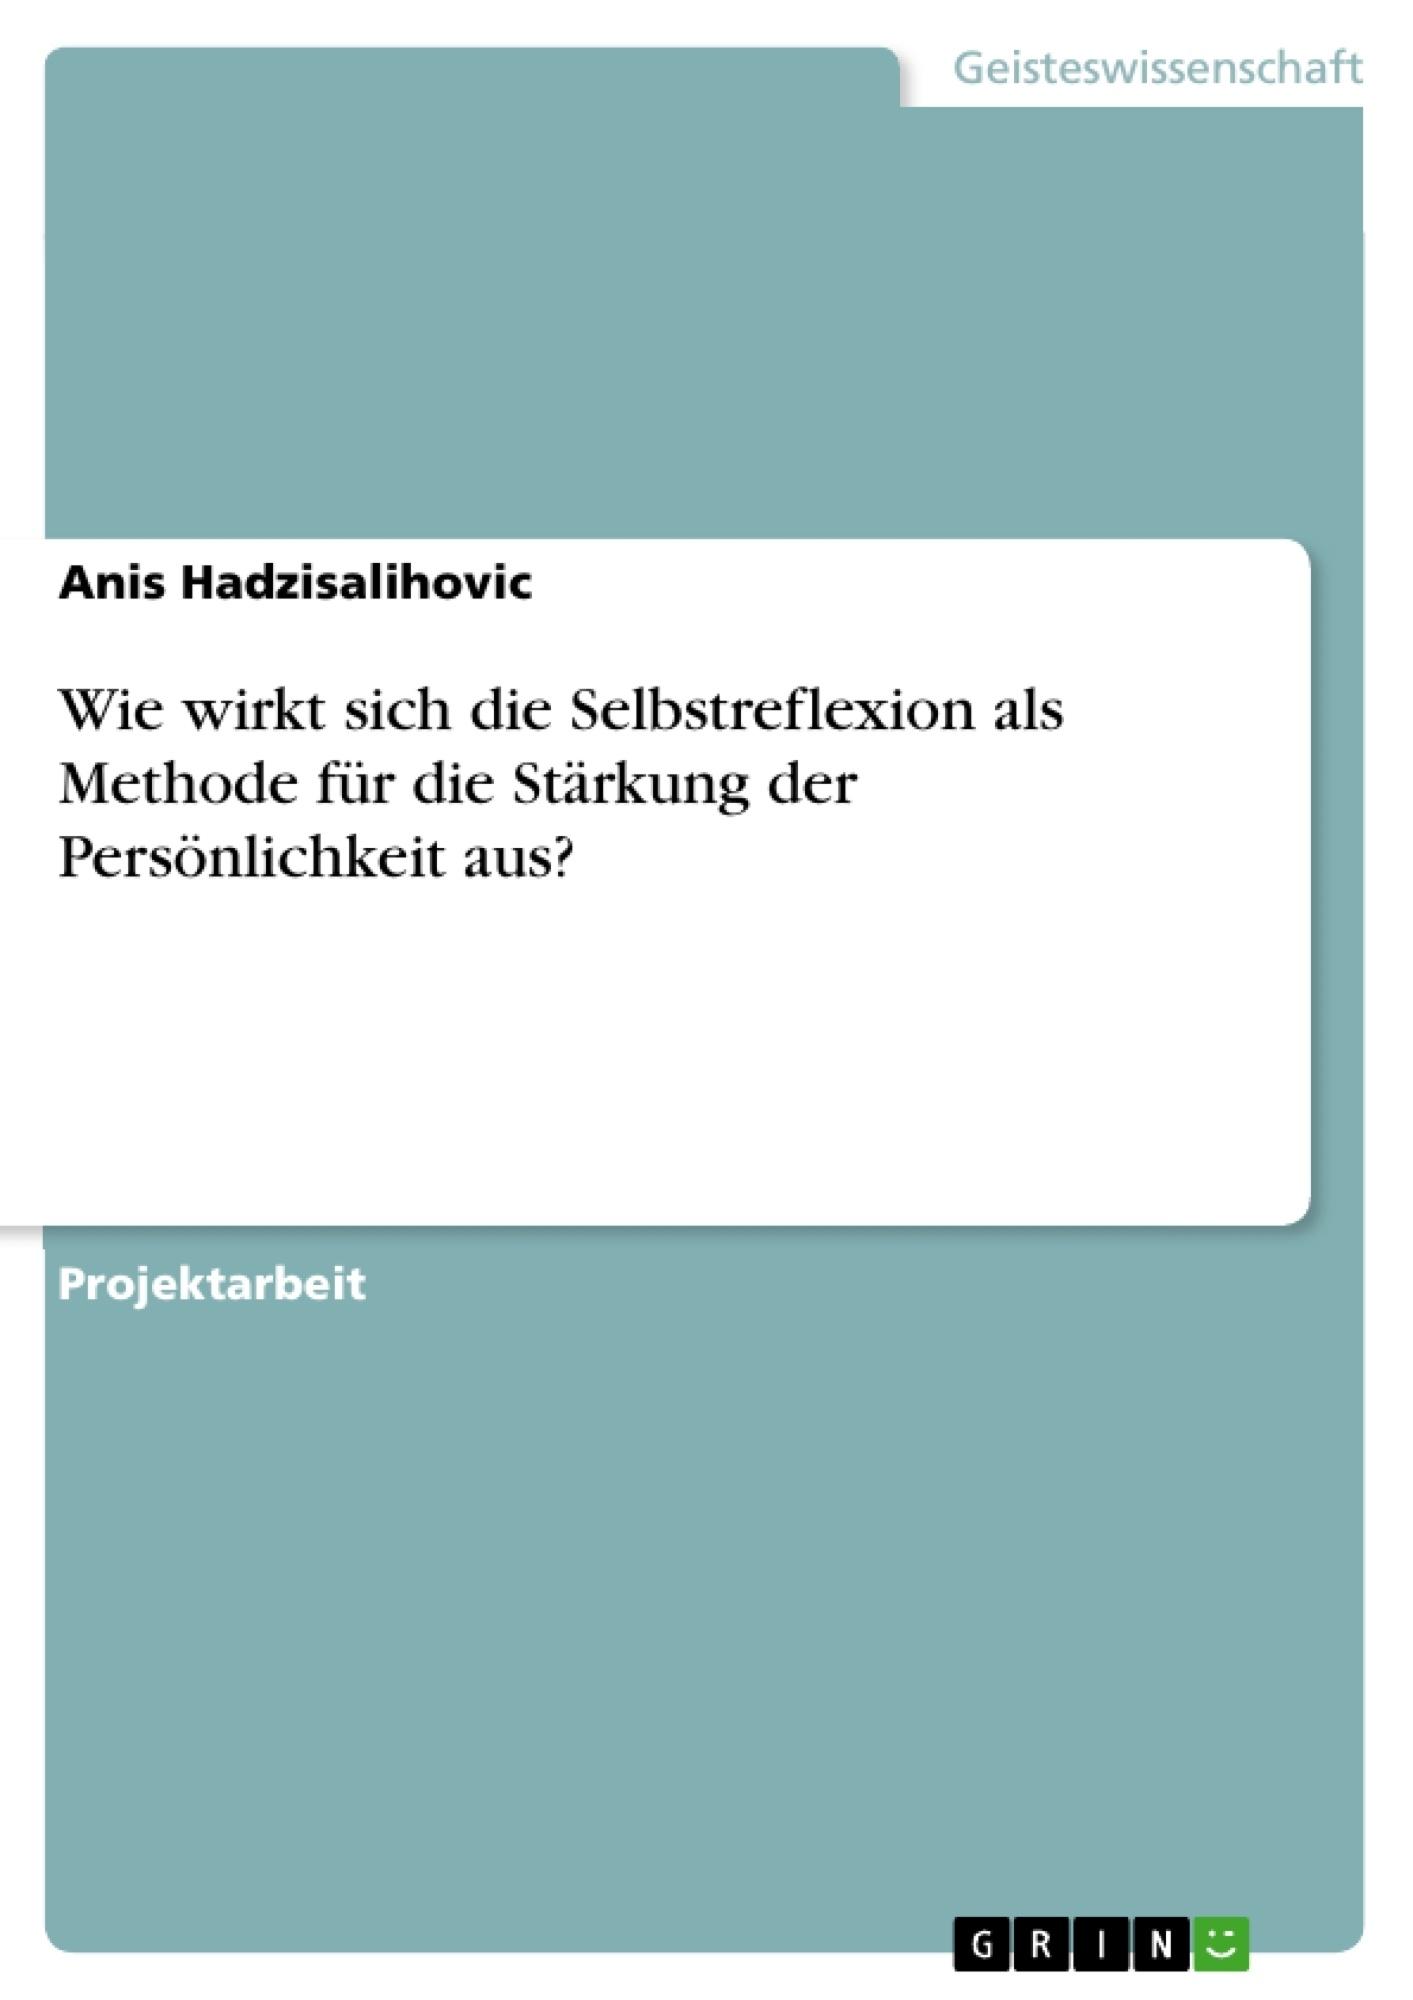 Titel: Wie wirkt sich die Selbstreflexion als Methode für die Stärkung der Persönlichkeit aus?